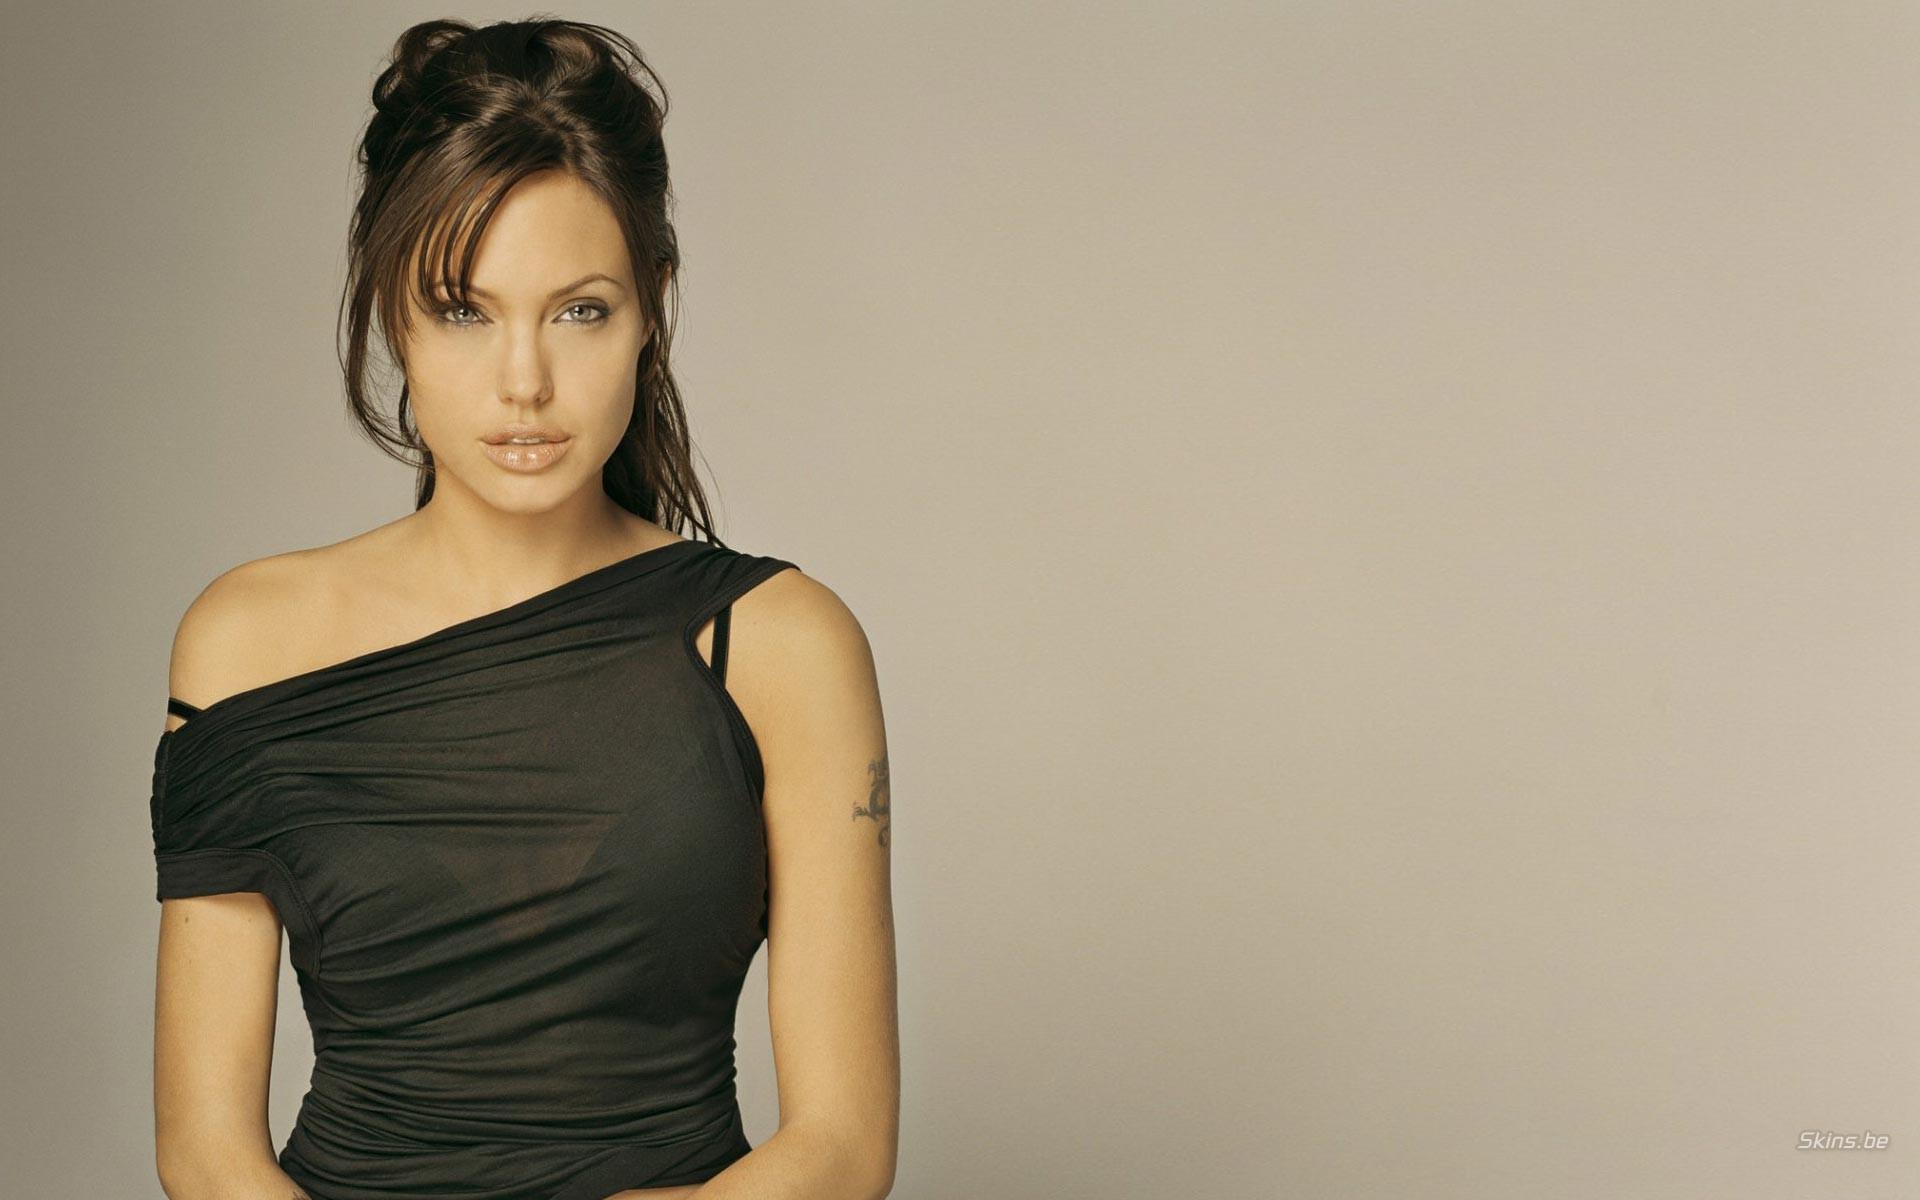 Angelina Jolie y cancer de mama - 1920x1200